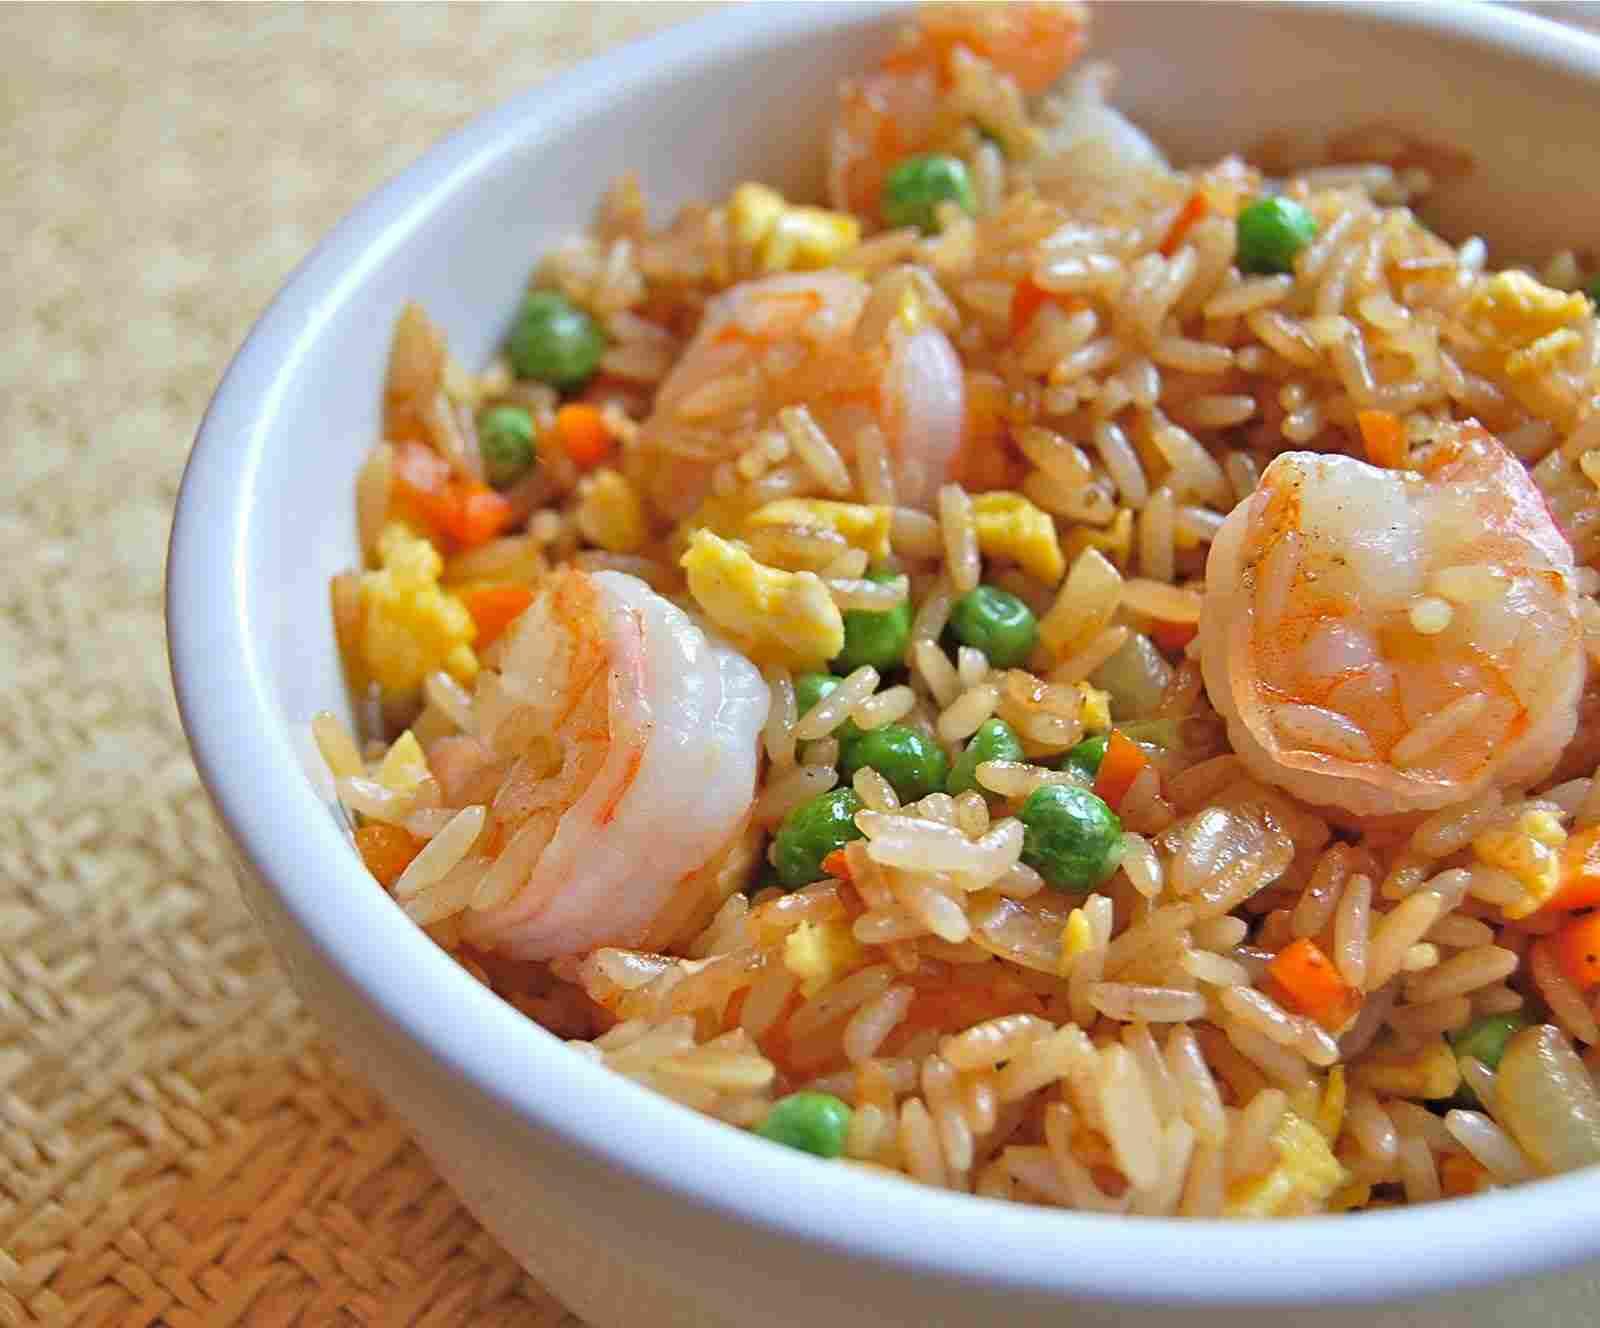 طريقة عمل الأرز المقلي بالجمبري